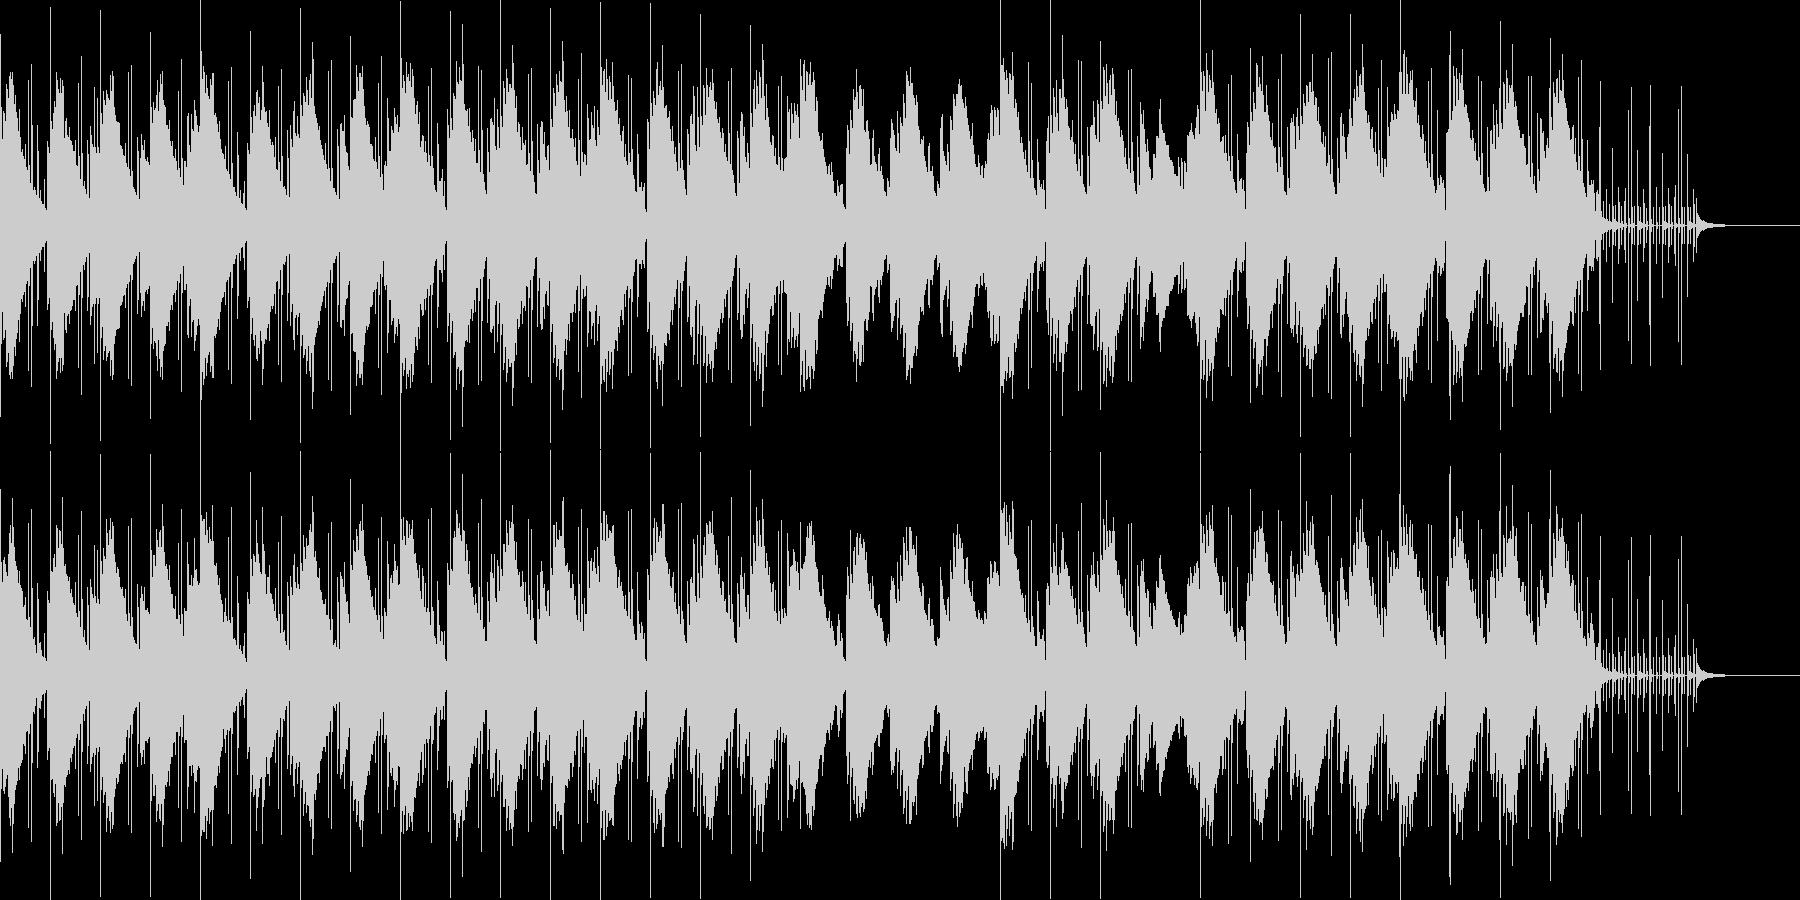 ゆったりとしたシーンに最適な曲です。の未再生の波形